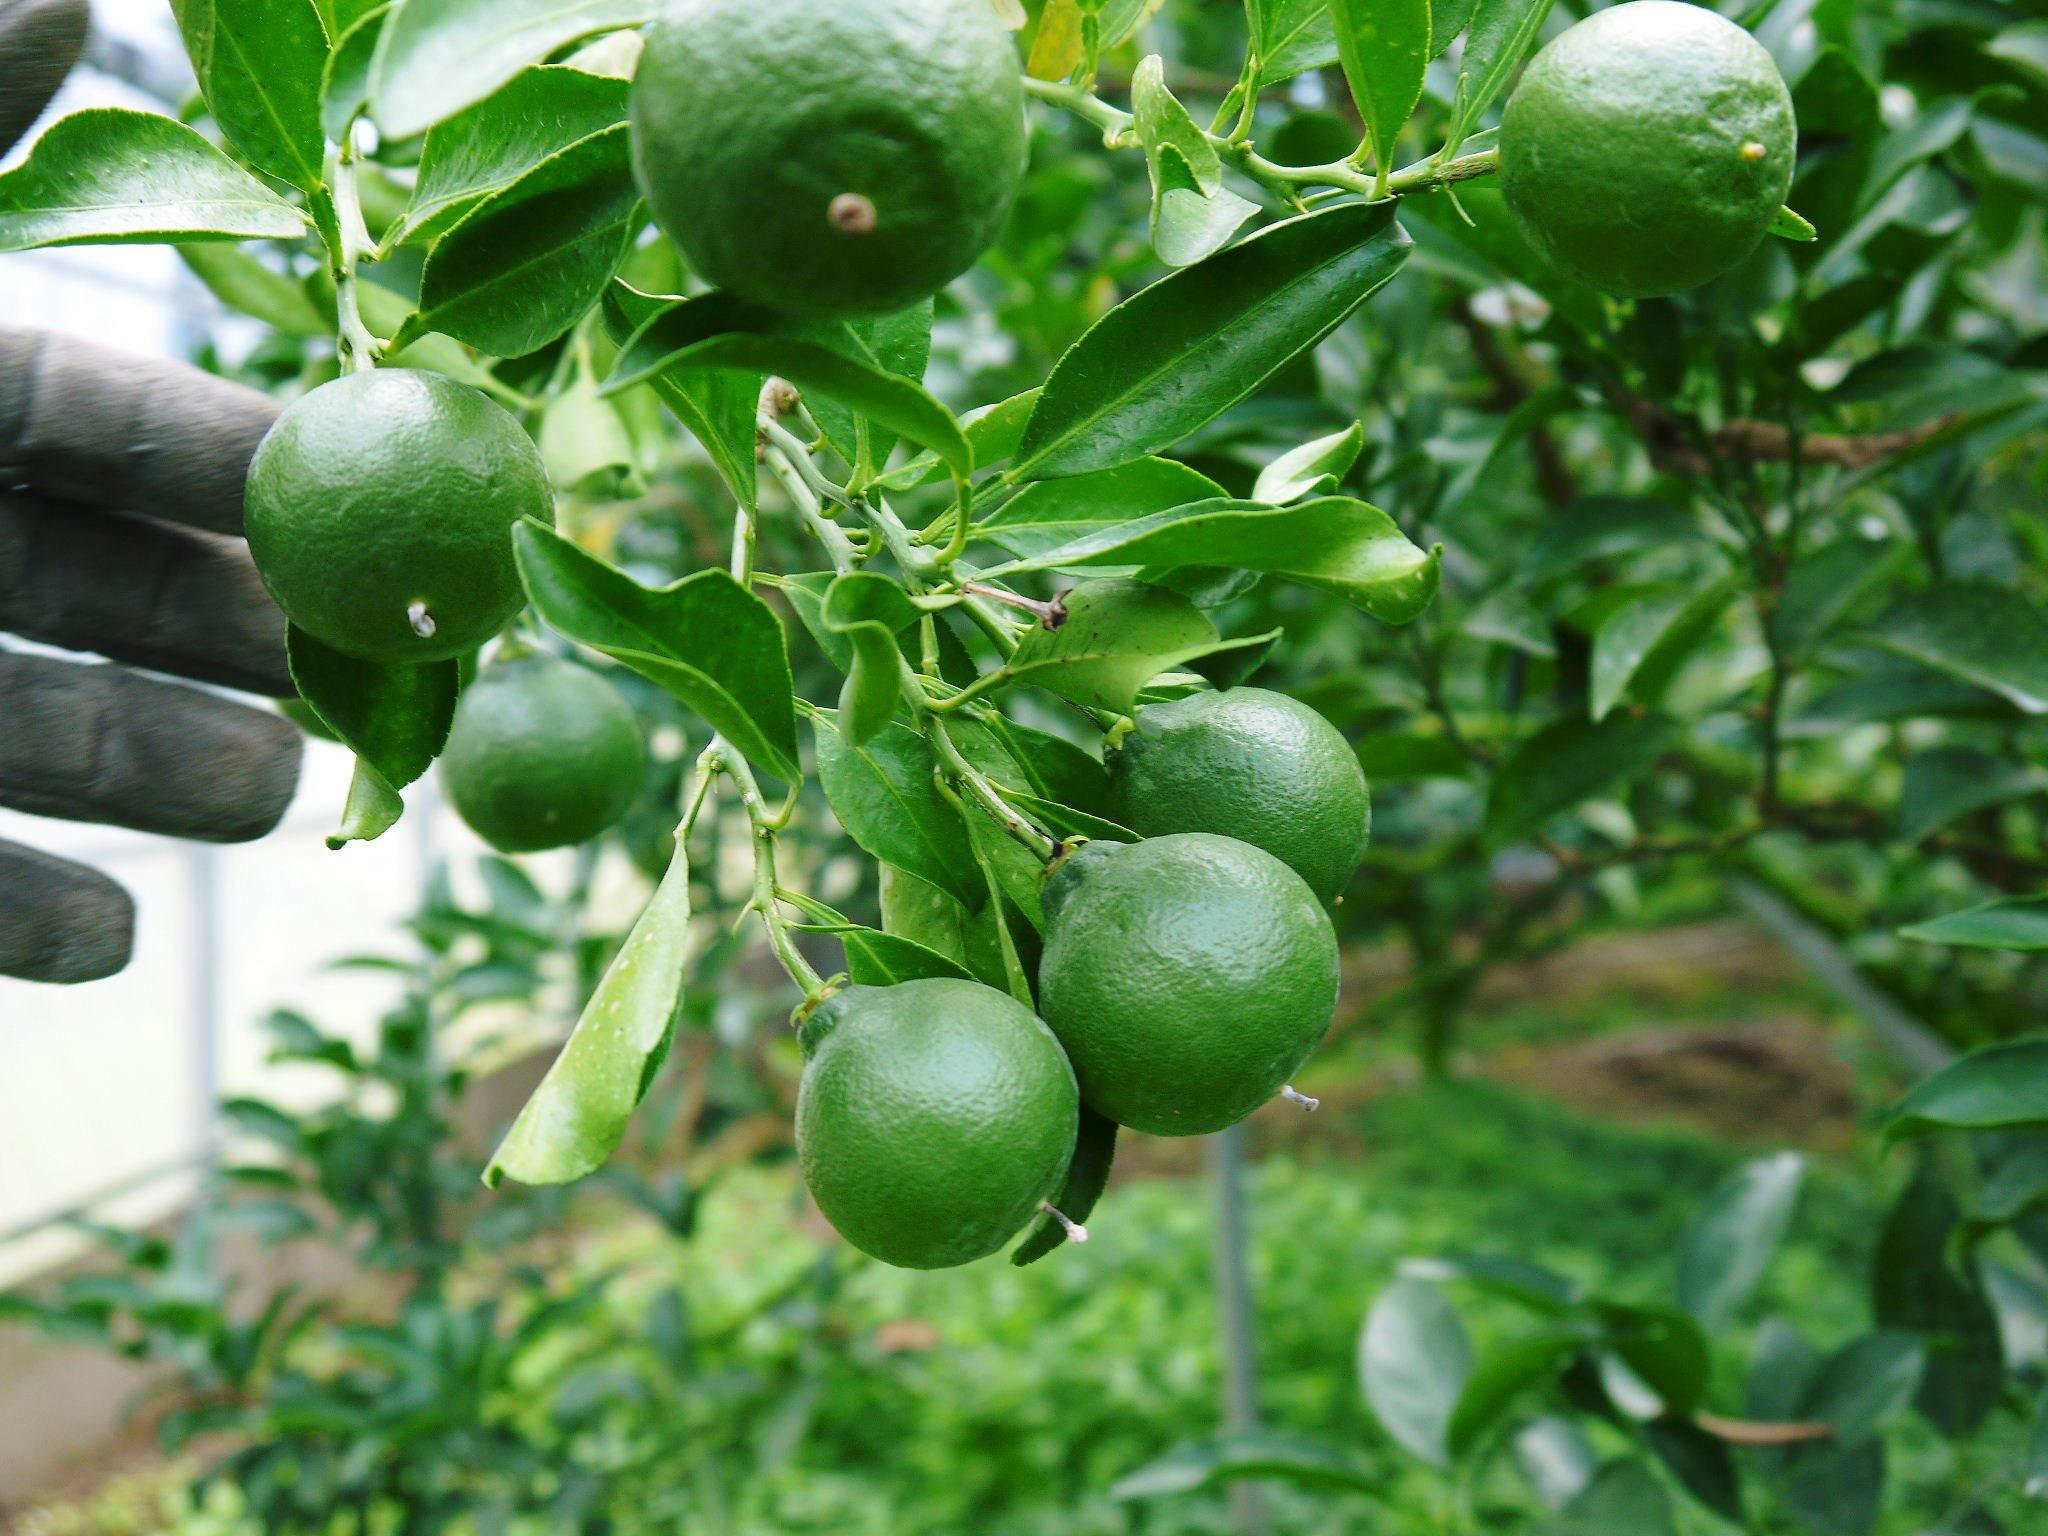 究極の柑橘『せとか』 令和2年度の収穫に向け今年も順調に成長中!着果後の様子を現地取材_a0254656_17303799.jpg